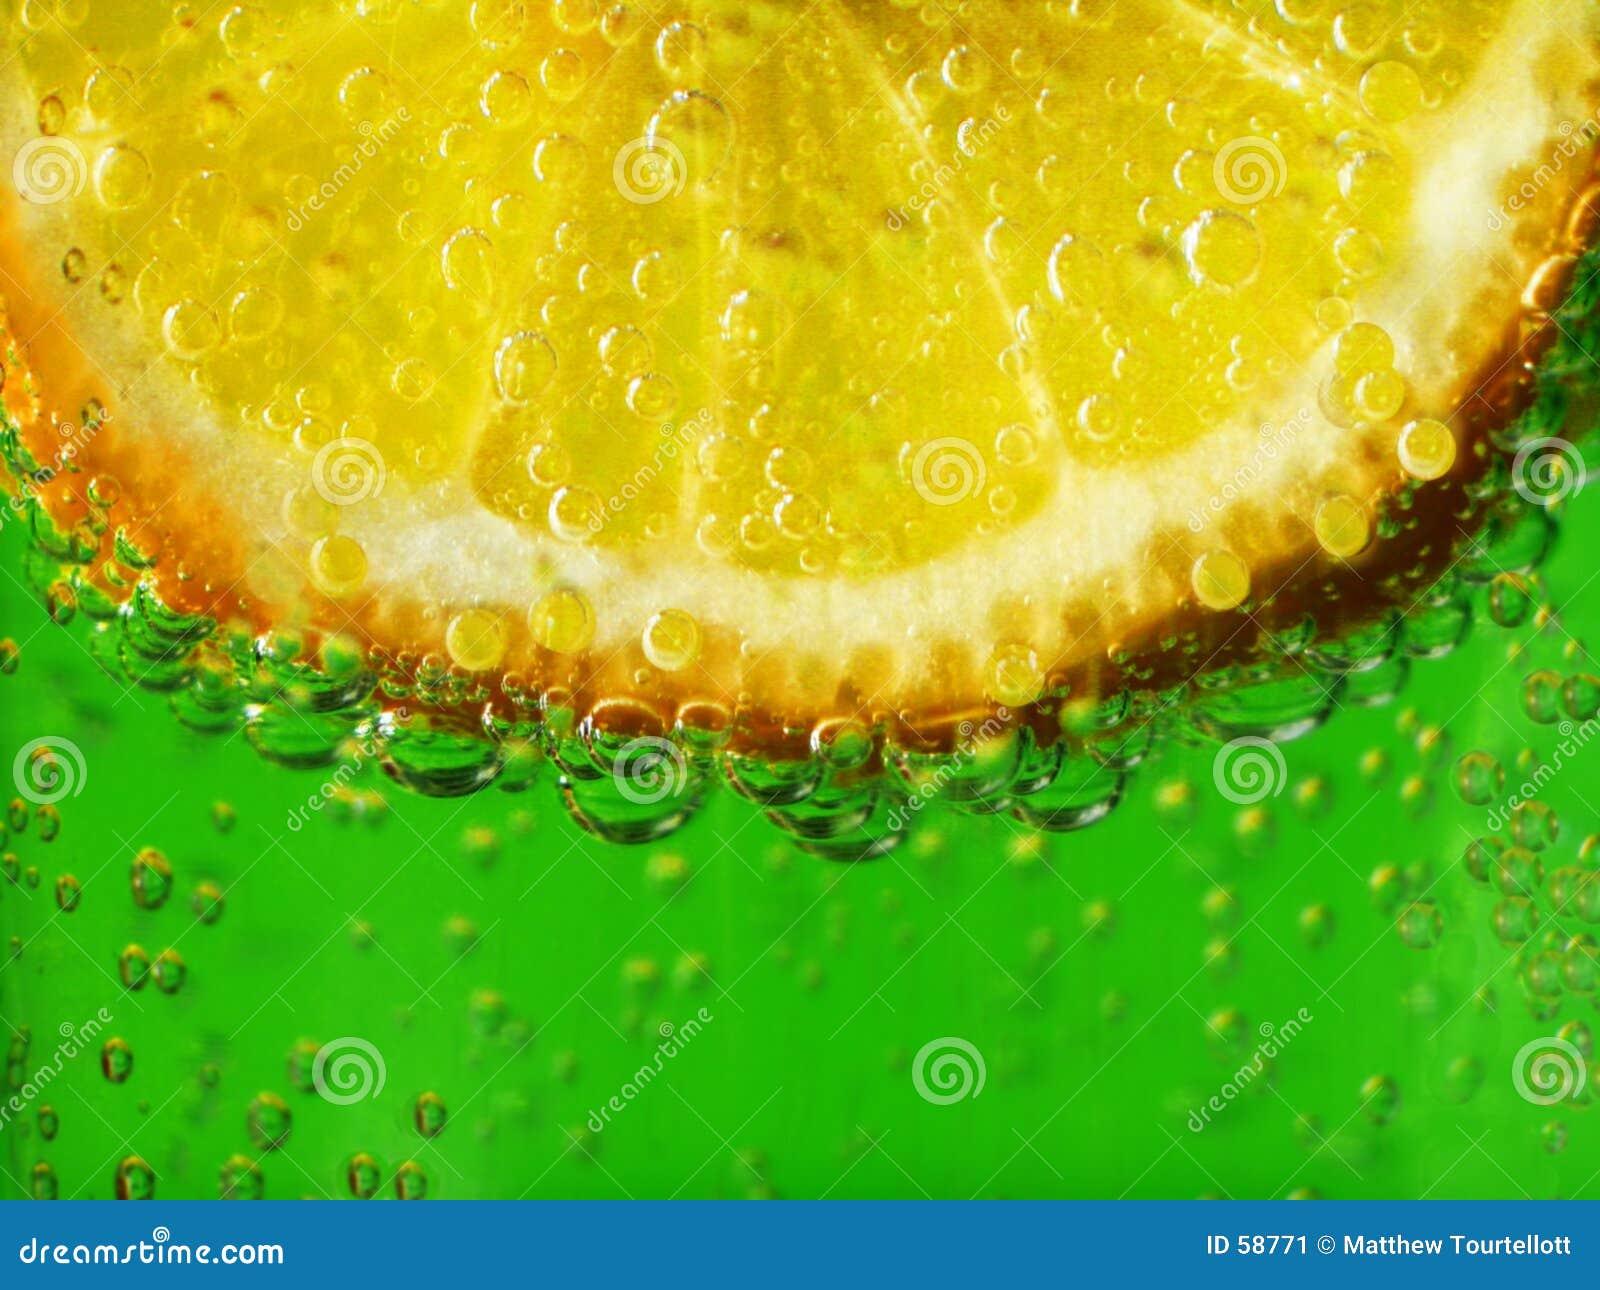 Limón en el agua chispeante 1